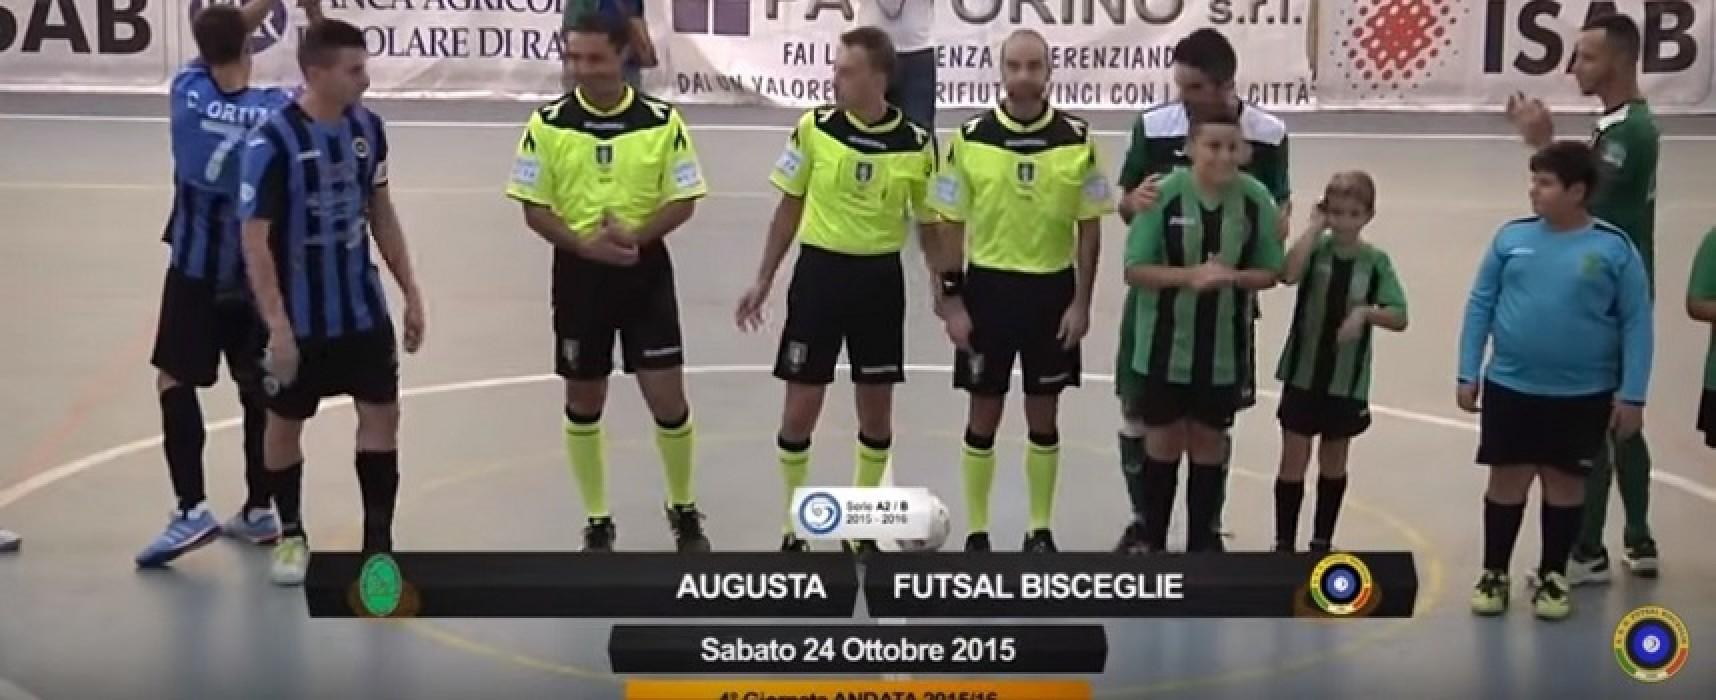 Augusta-Futsal Bisceglie/ VIDEO HIGHLIGHTS